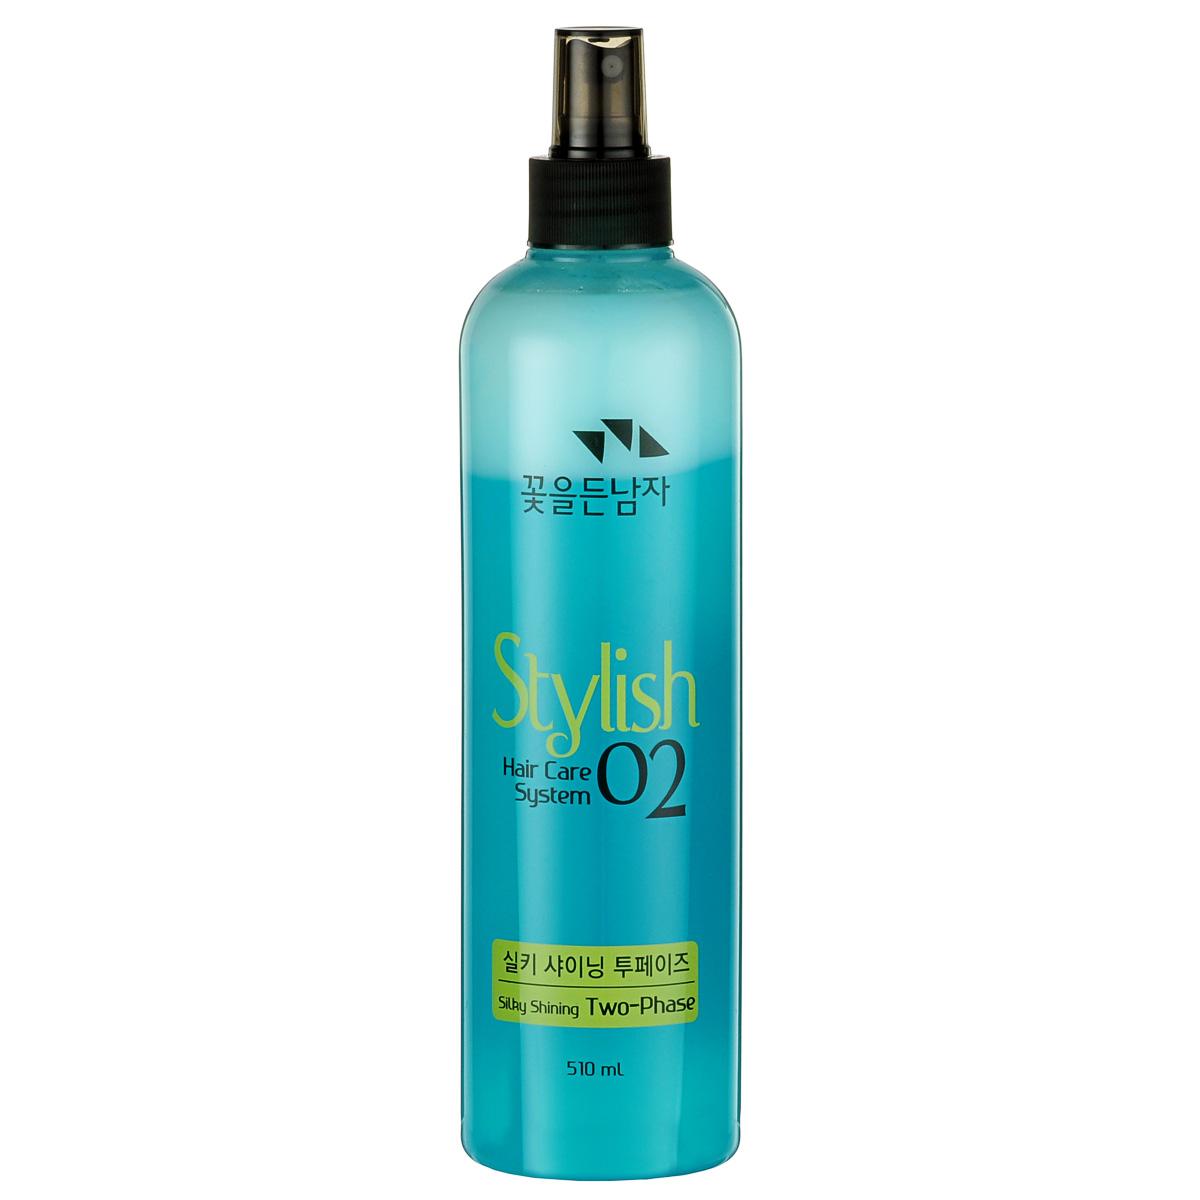 Somang Hair Care Двухфазный флюид Бриллиант, 510 мл125477Питает и восстанавливает волосы, предавая волосам объем и здоровый блеск. Волосы не путаютсяи легко расчесываются. Защищает волосы от ультрафиолетового излучения. Для всех типов волос. Подходит для ежедневного использования.